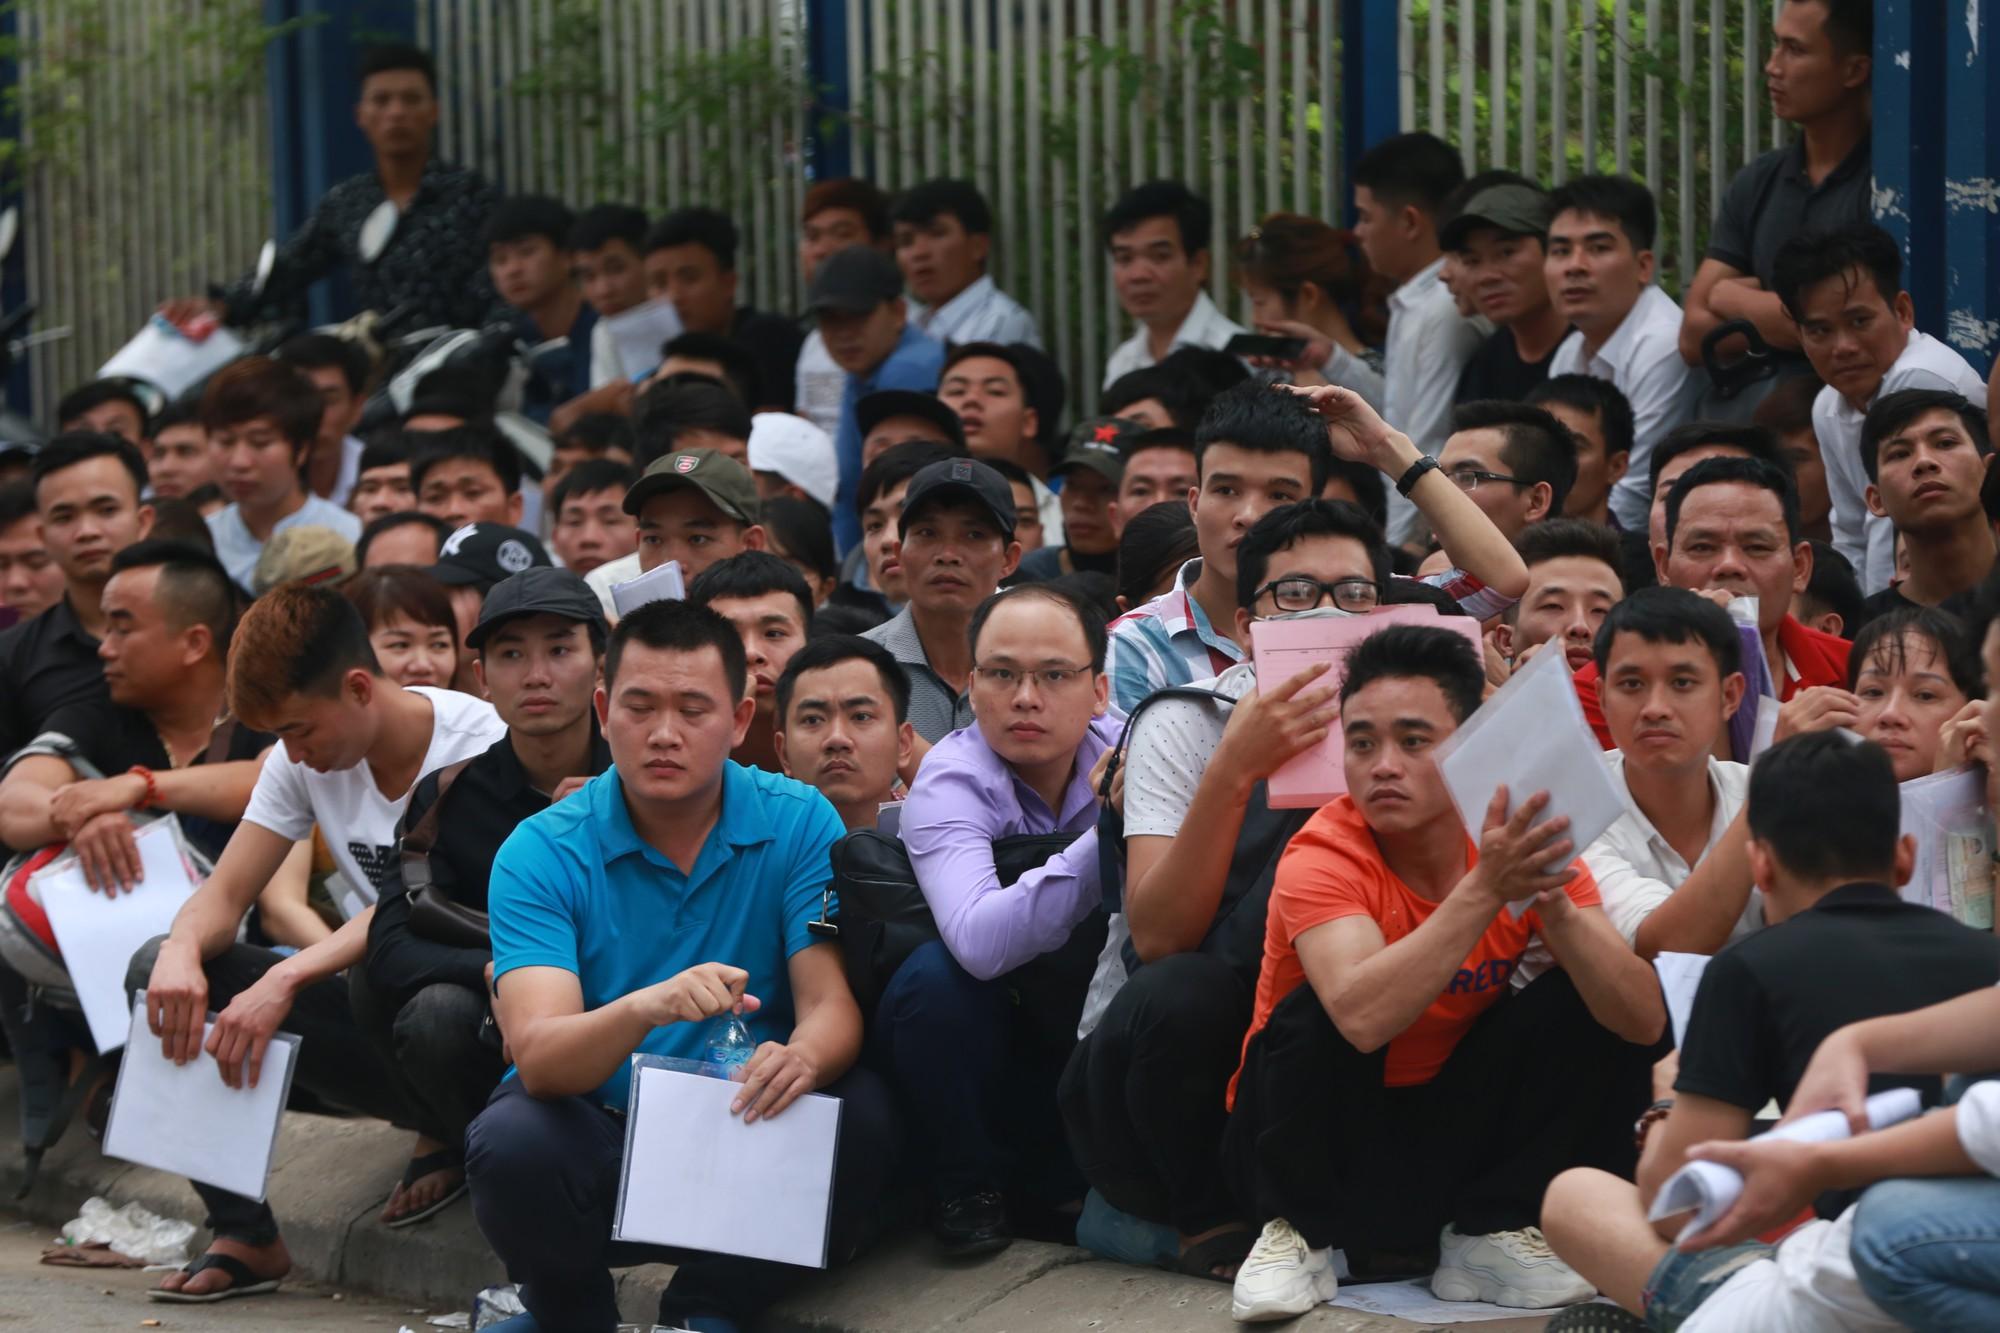 Cận cảnh hàng nghìn người xếp hàng trước Đại sứ quán Hàn Quốc chờ làm visa - Ảnh 6.